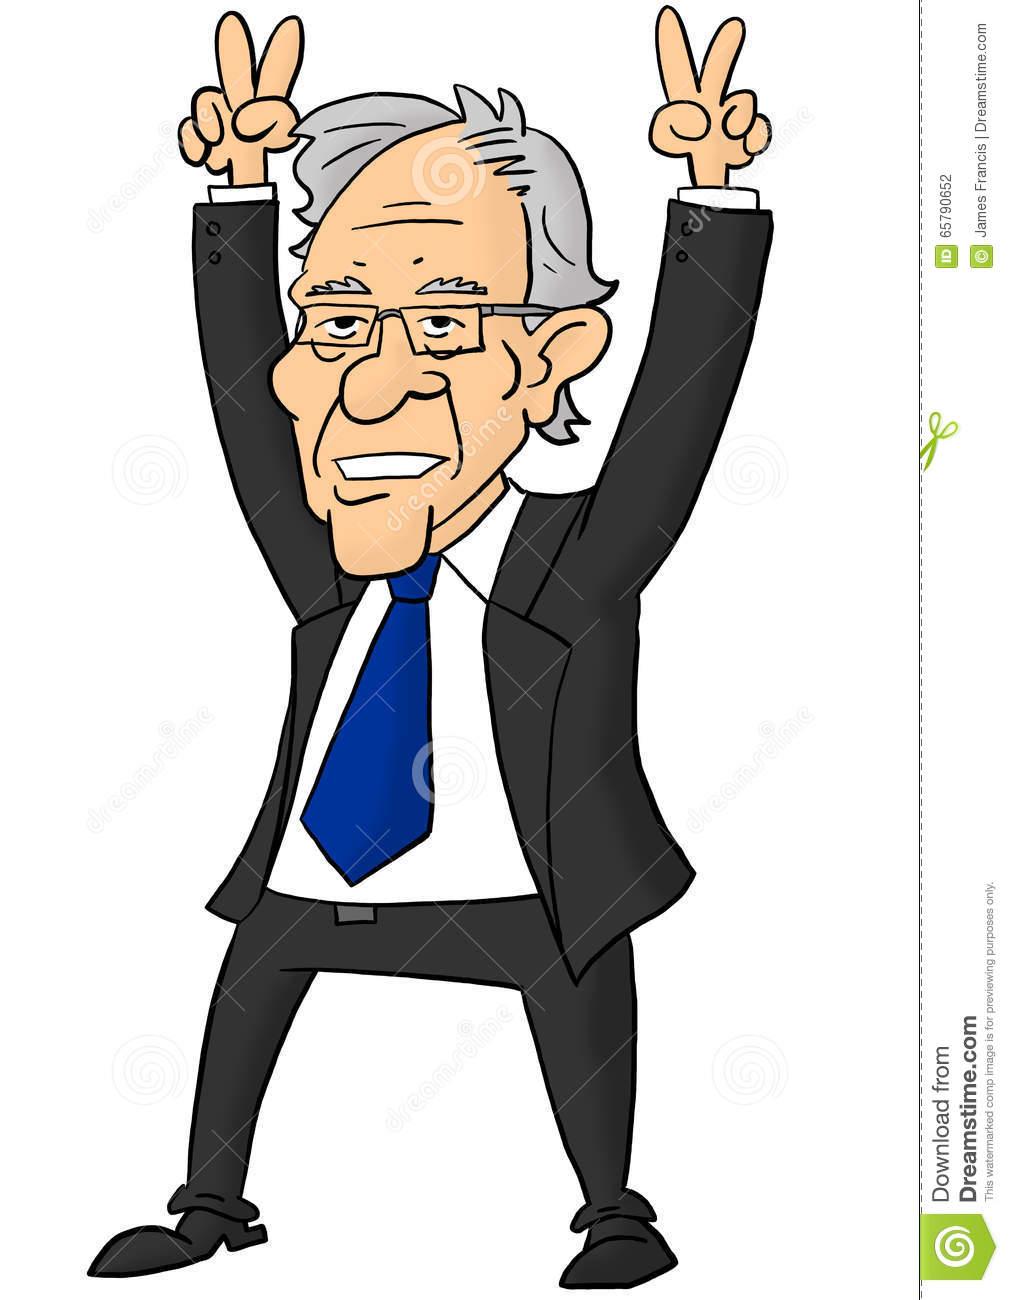 Bernie sanders clipart.